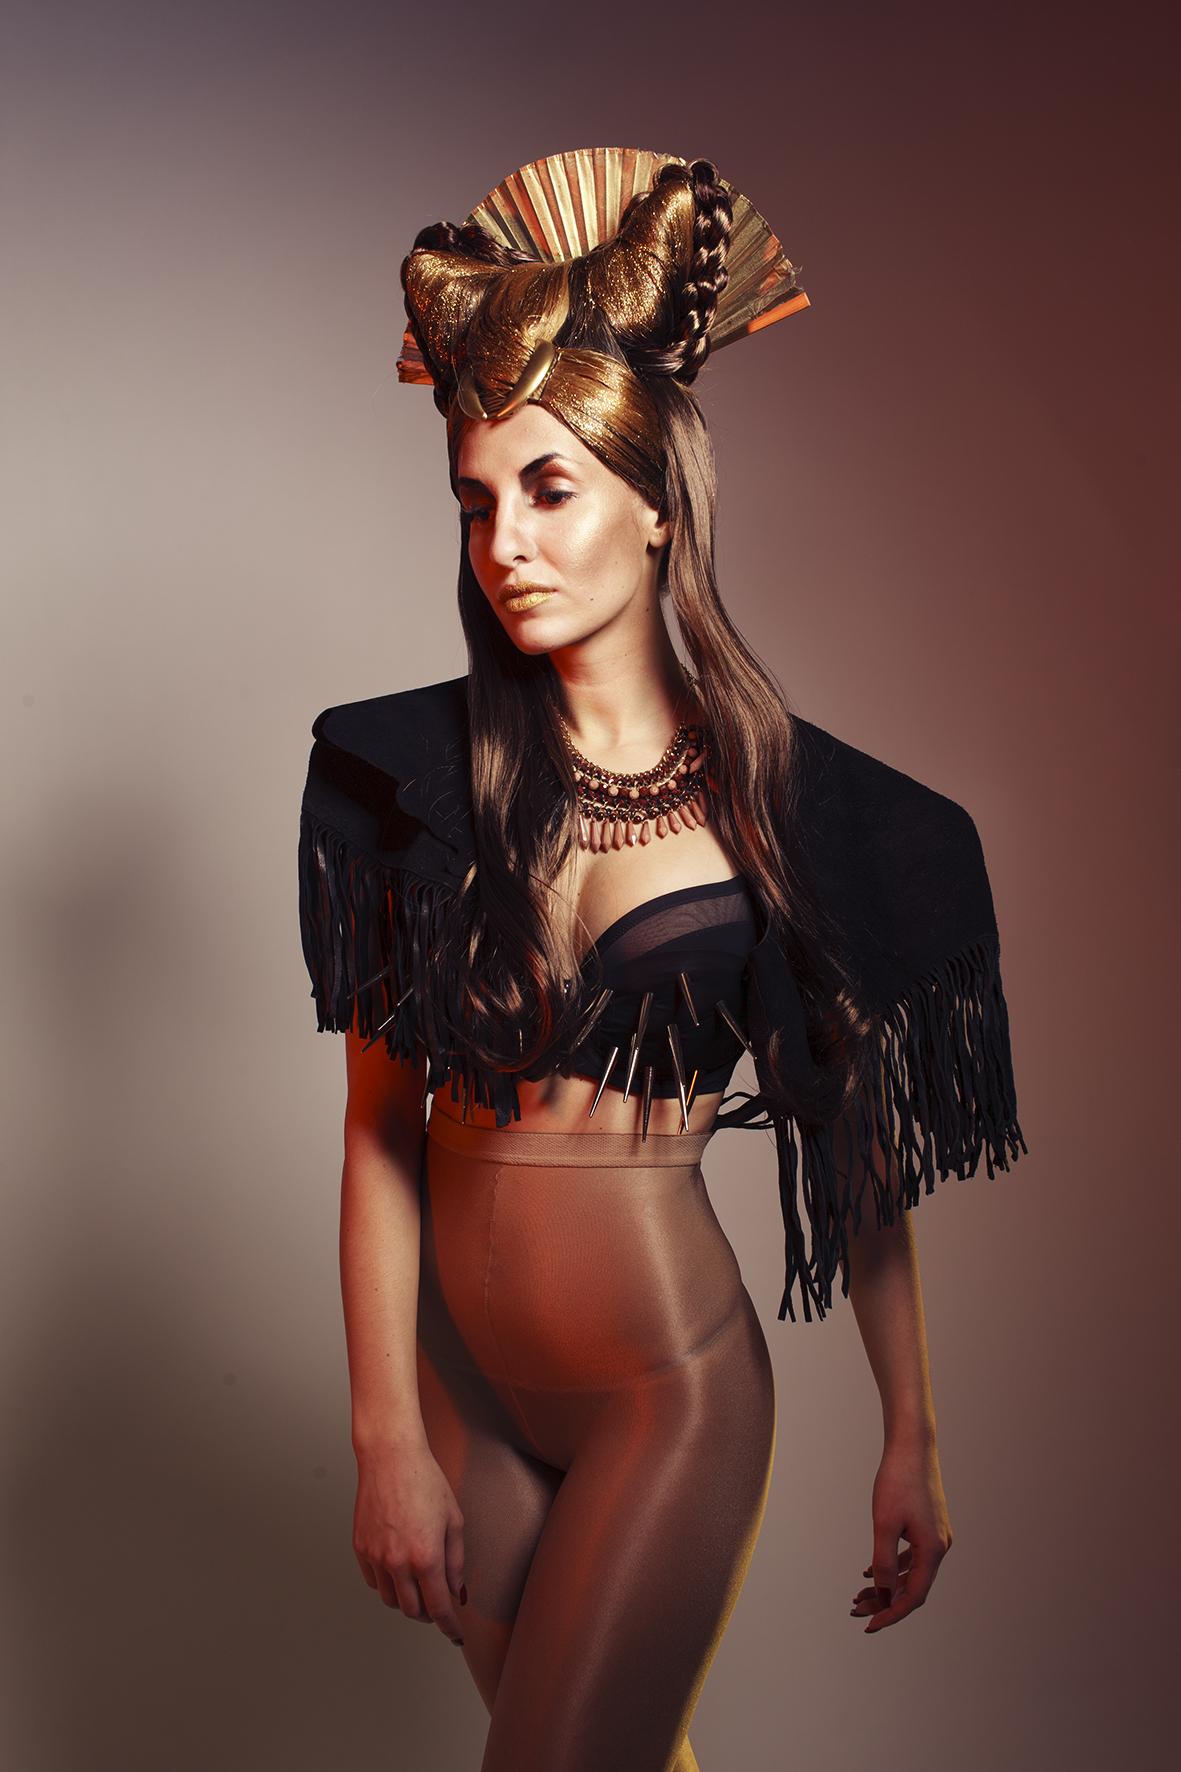 modebild med annorlunda kläder, reklam